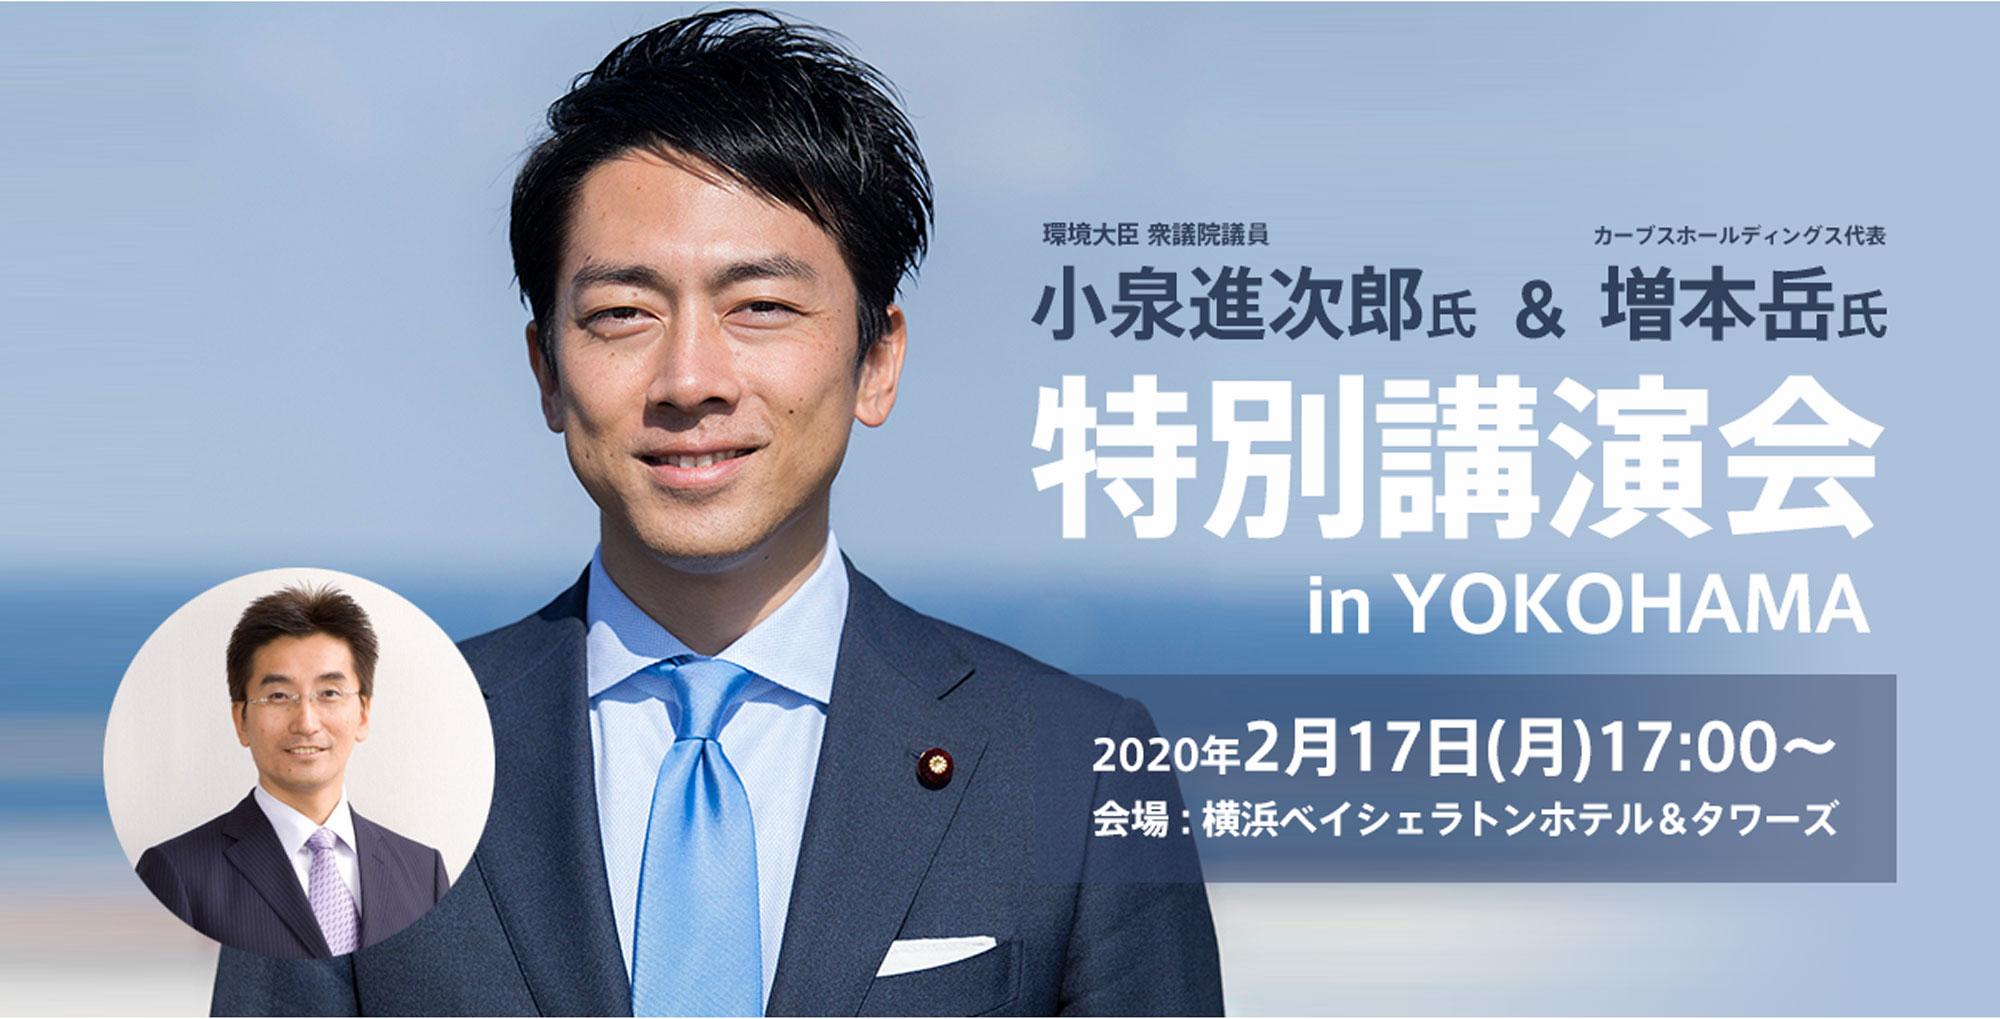 KNBC特別講演会 in 横浜(2020年2月17日開催)